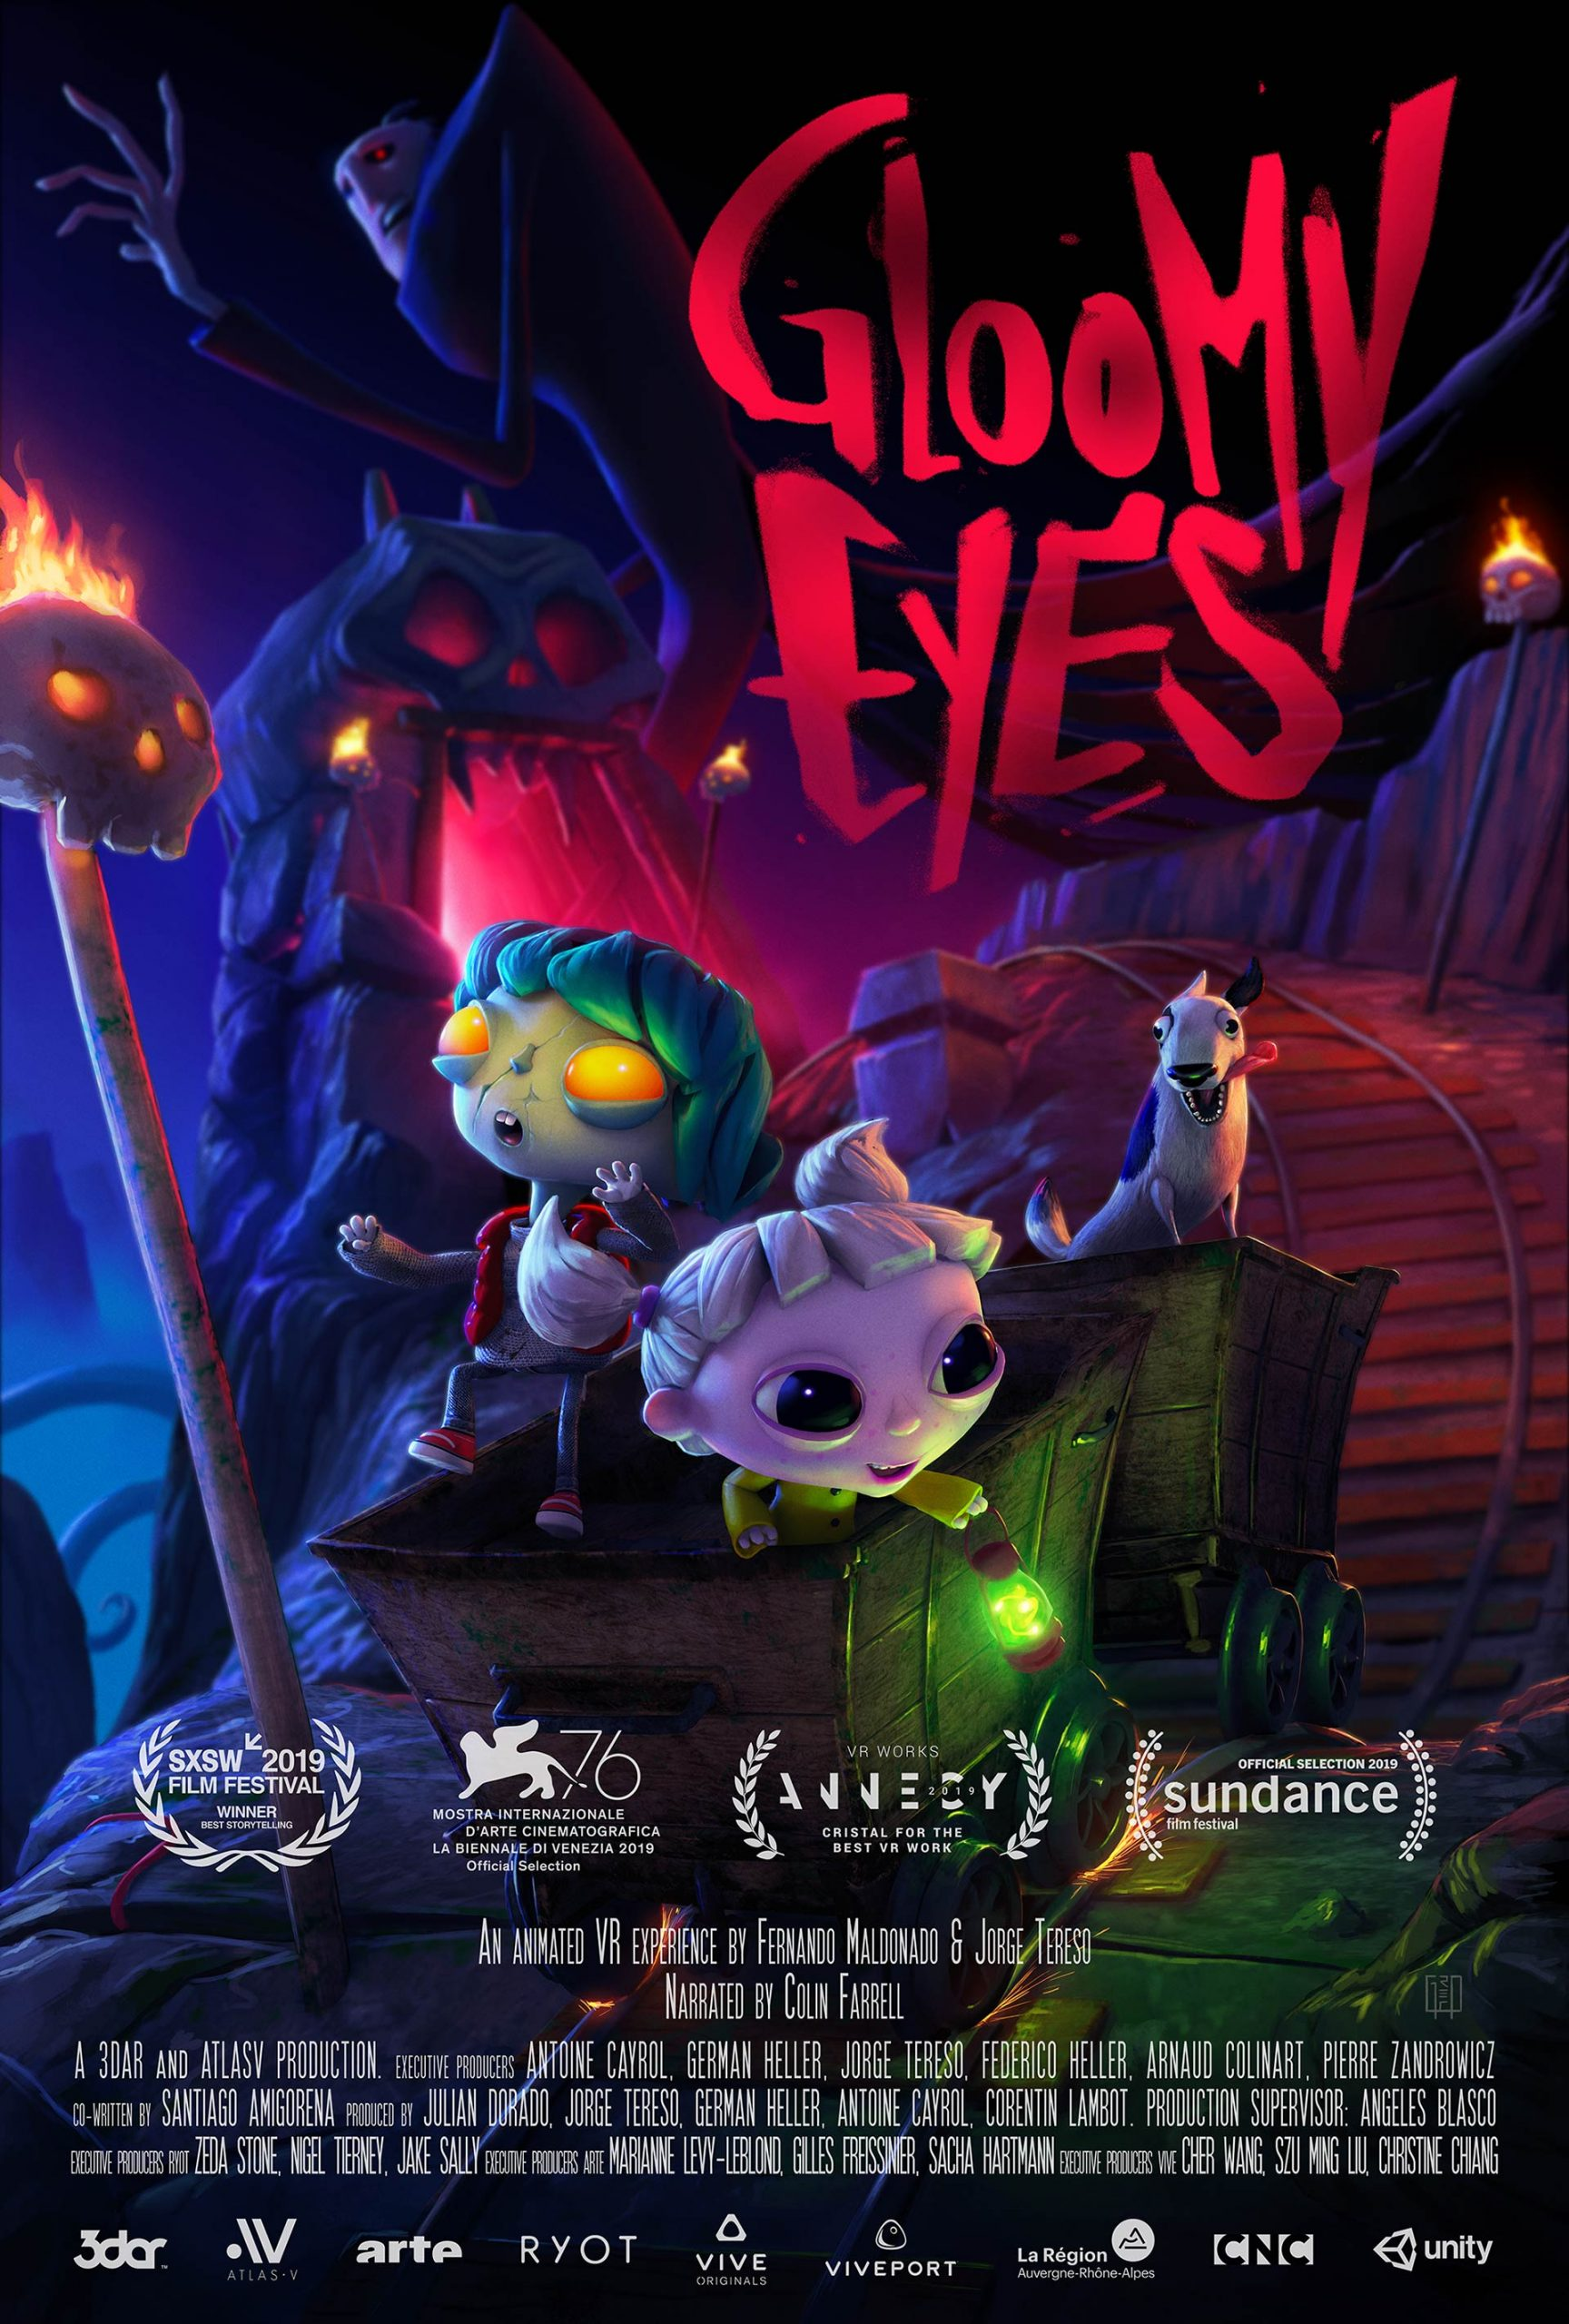 Gloomy Eyes, Vol.2 Poster